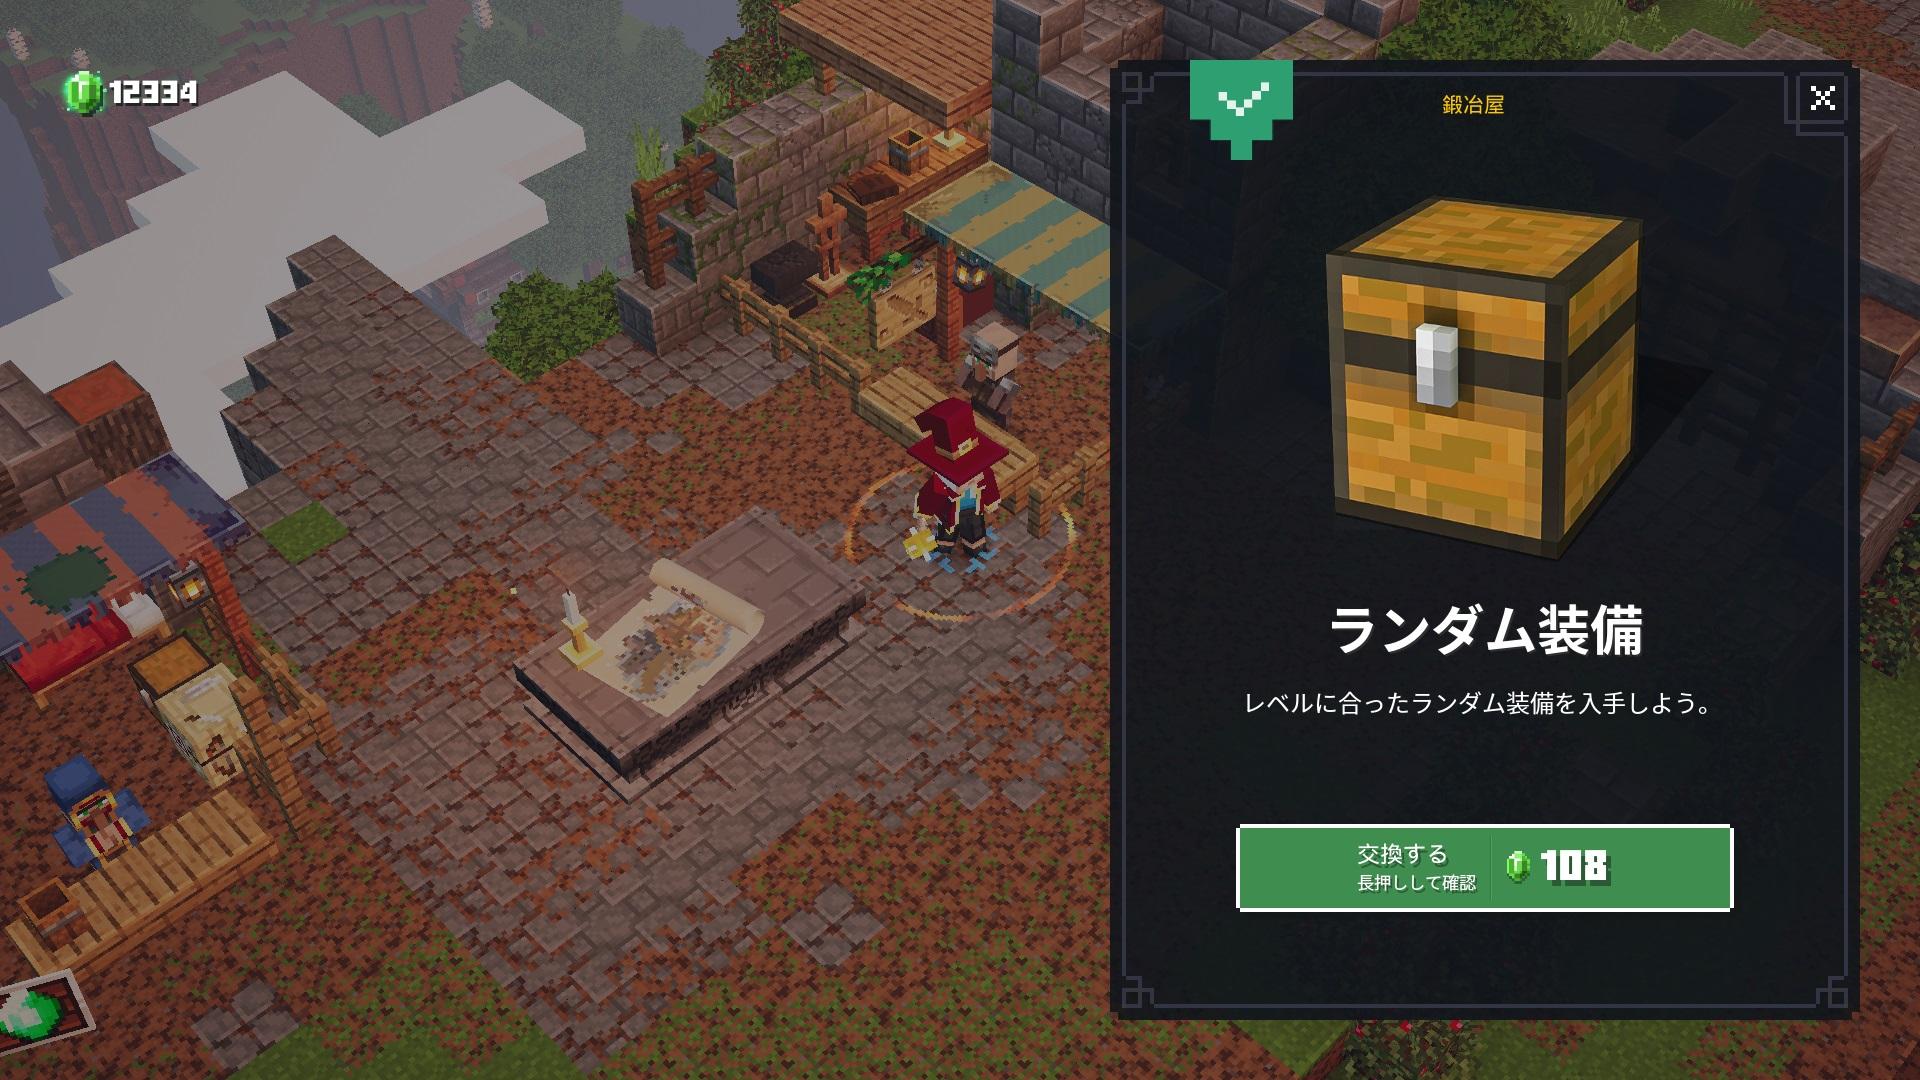 プレイヤーレベル50鍛冶屋ランダム装備ガチャ